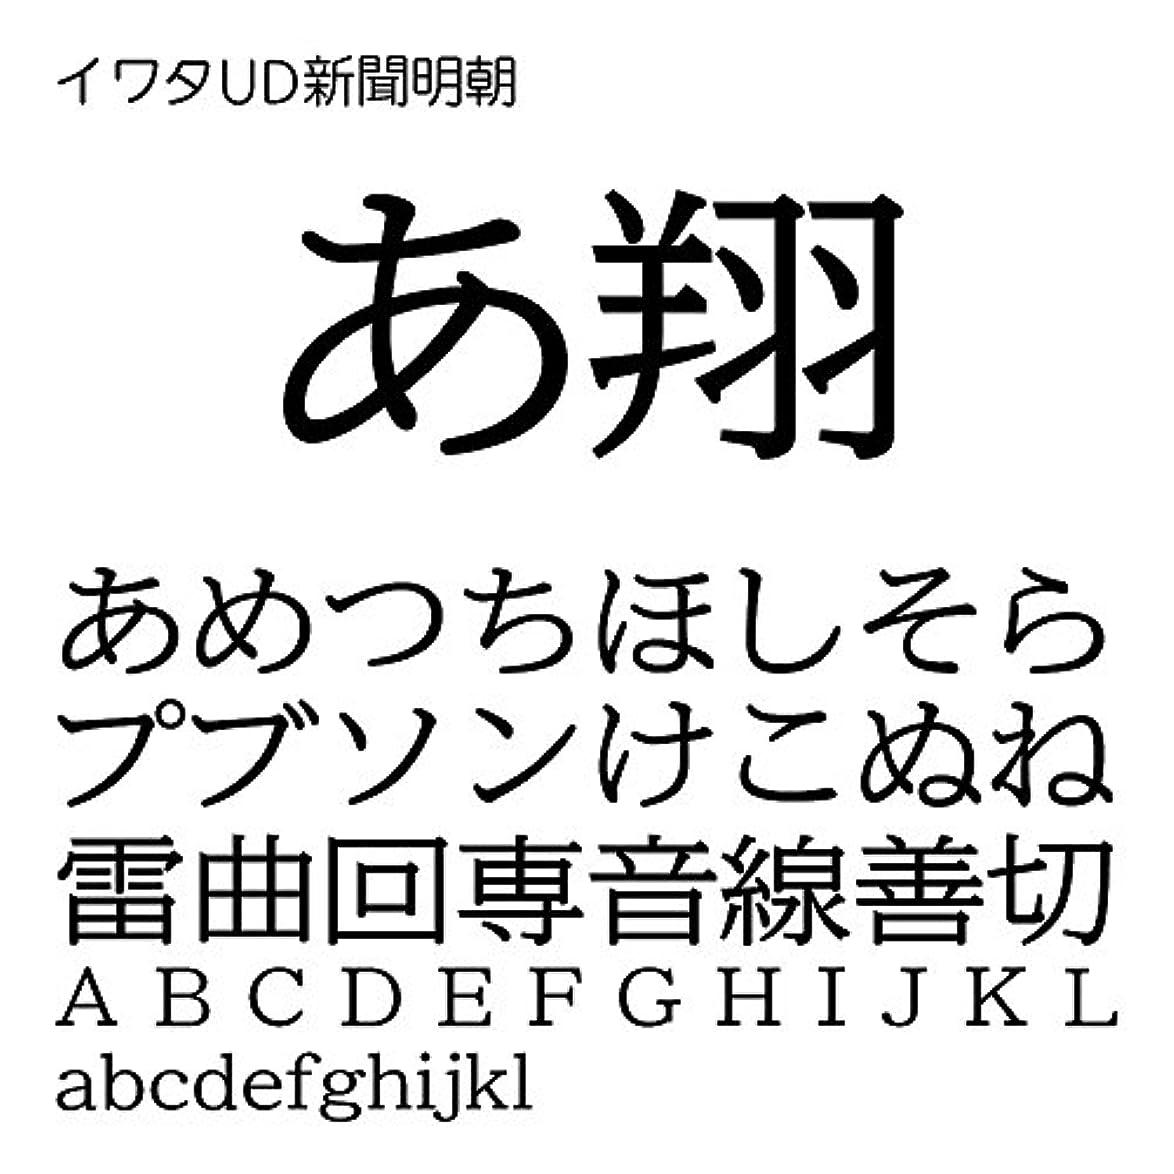 イワタUD新聞明朝Pro OpenType Font for Windows [ダウンロード]